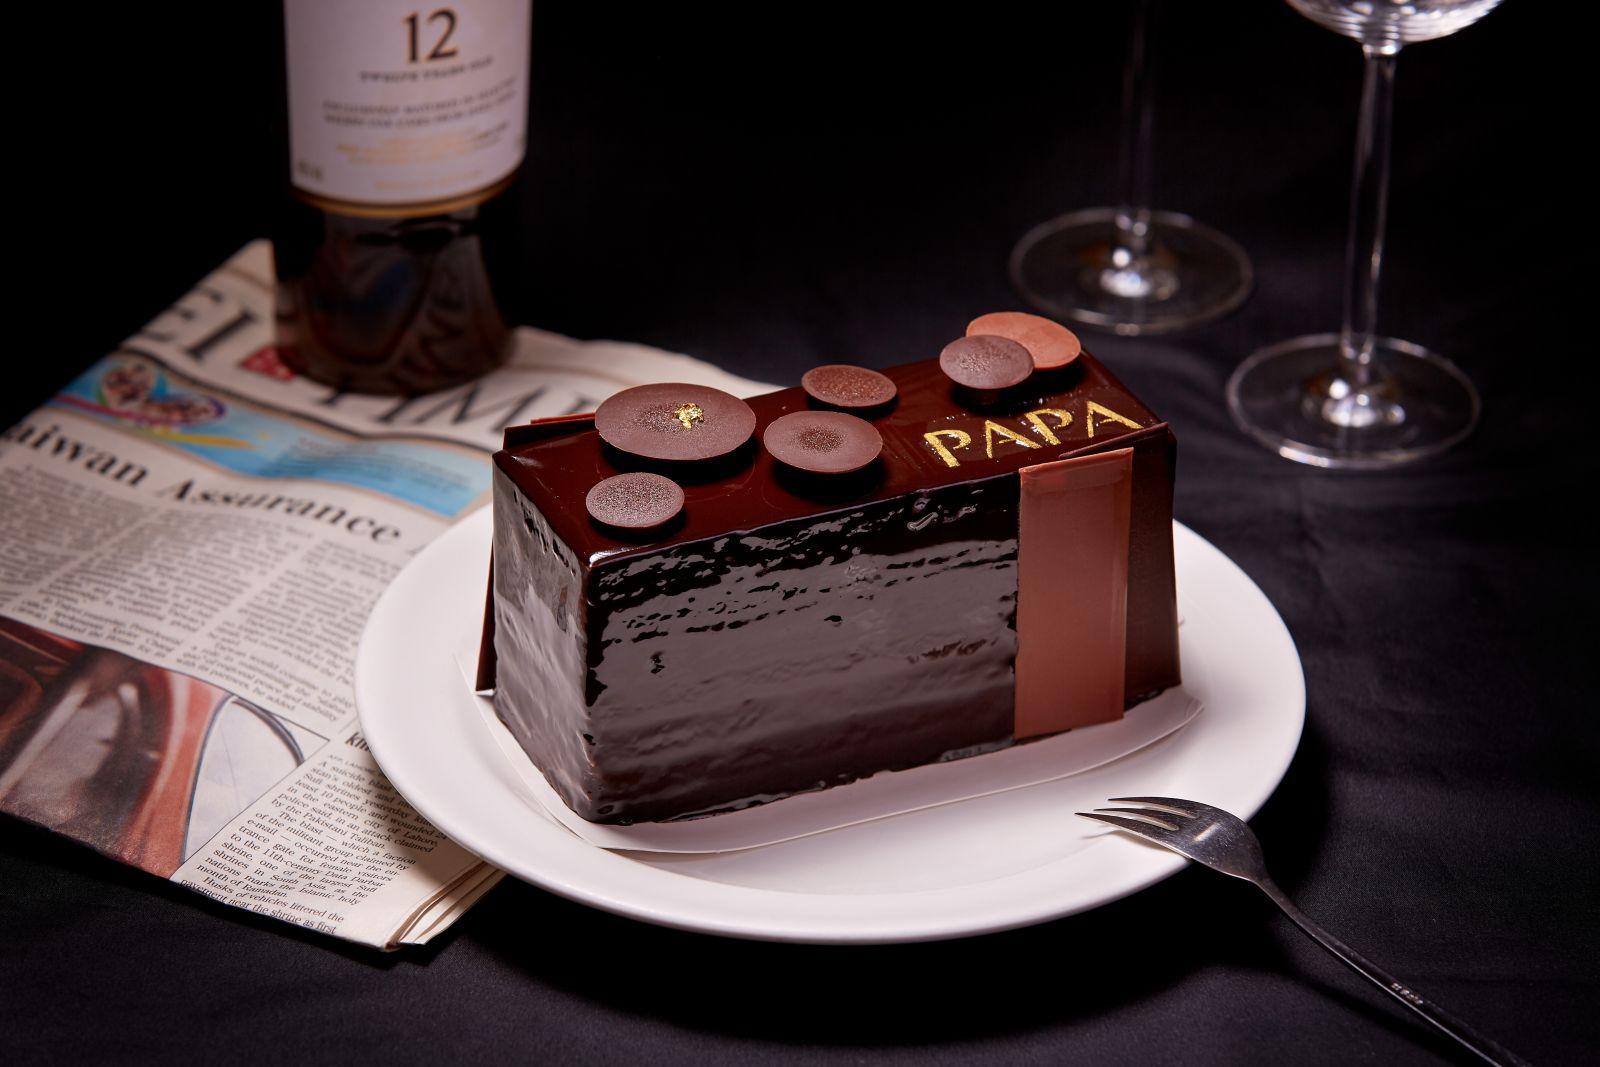 【父親節】最「男人味」的一款甜點! 42道工序打造麥卡倫巧克力